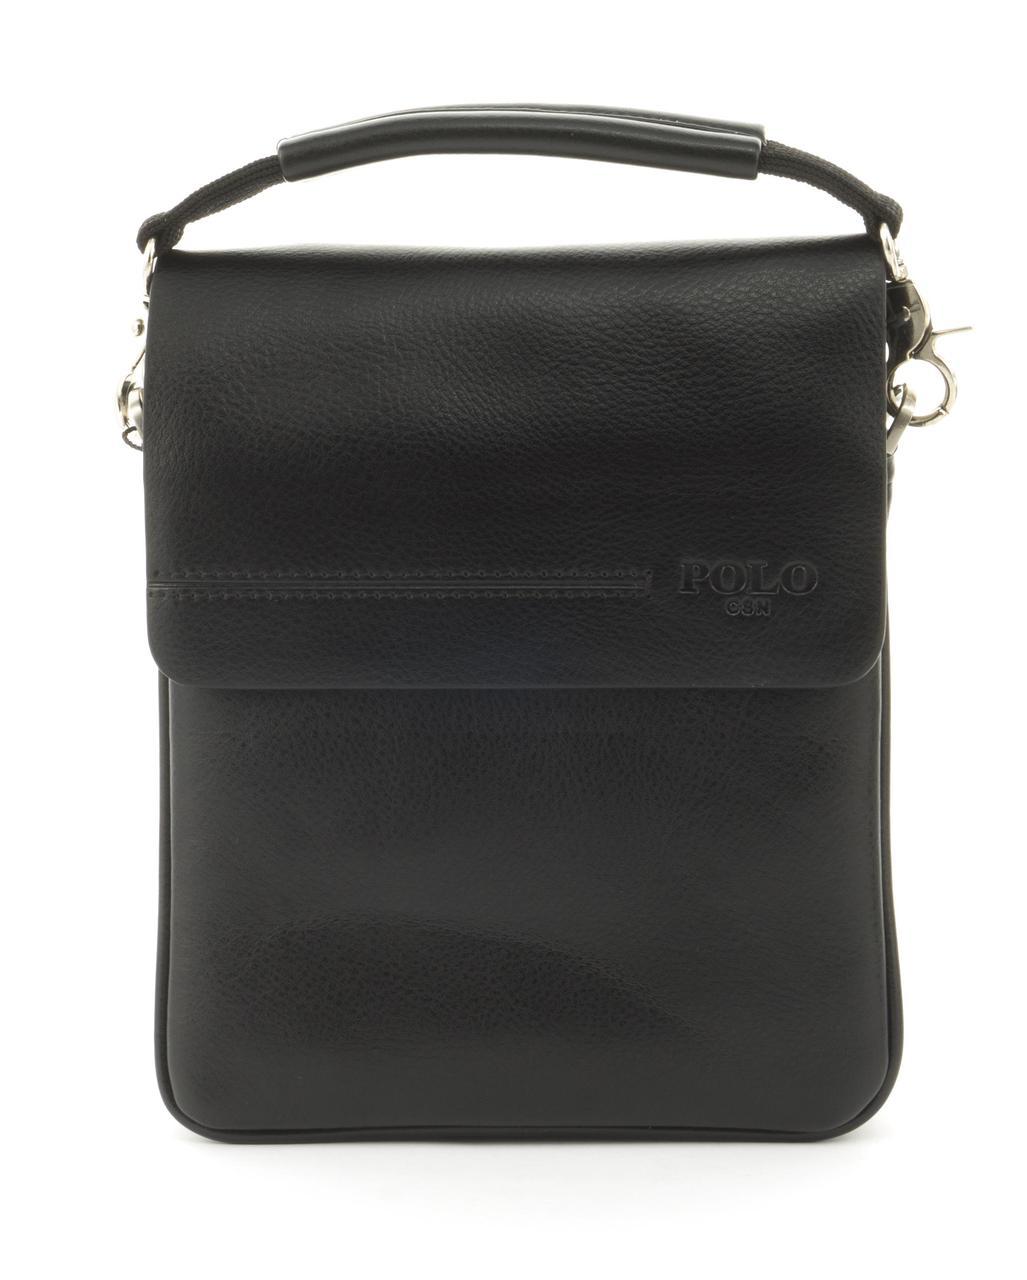 Качественная прочная мужская сумка почтальонка с качественной PU кожи POLO art. B358-1 черный